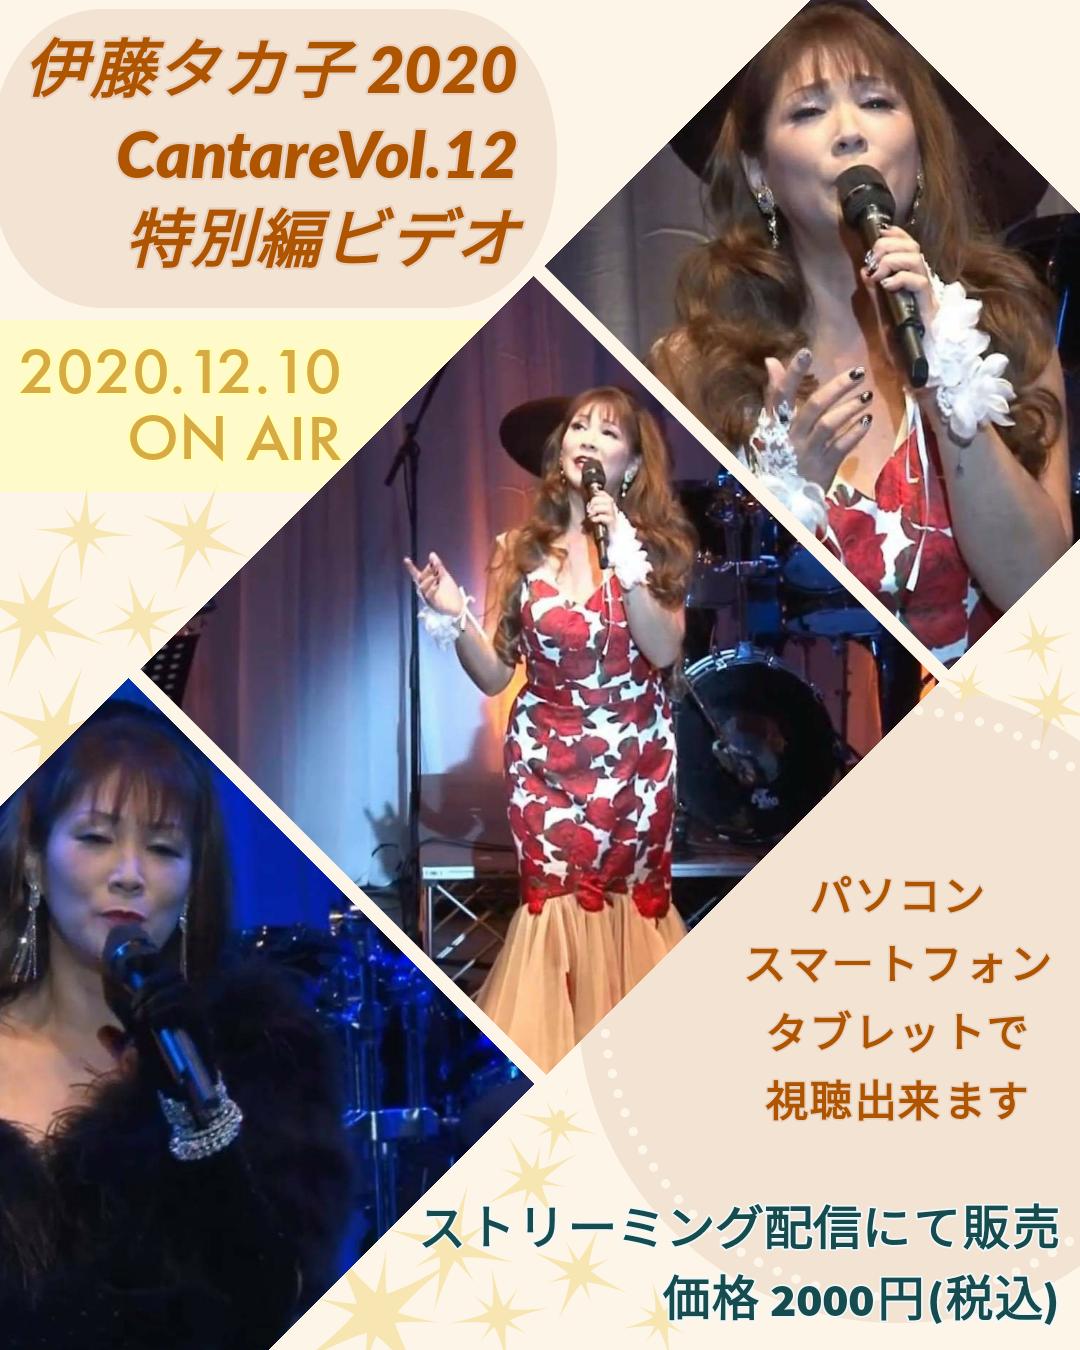 伊藤タカ子2020 Cantare Vol.12 特別編ビデオ販売のお知らせ